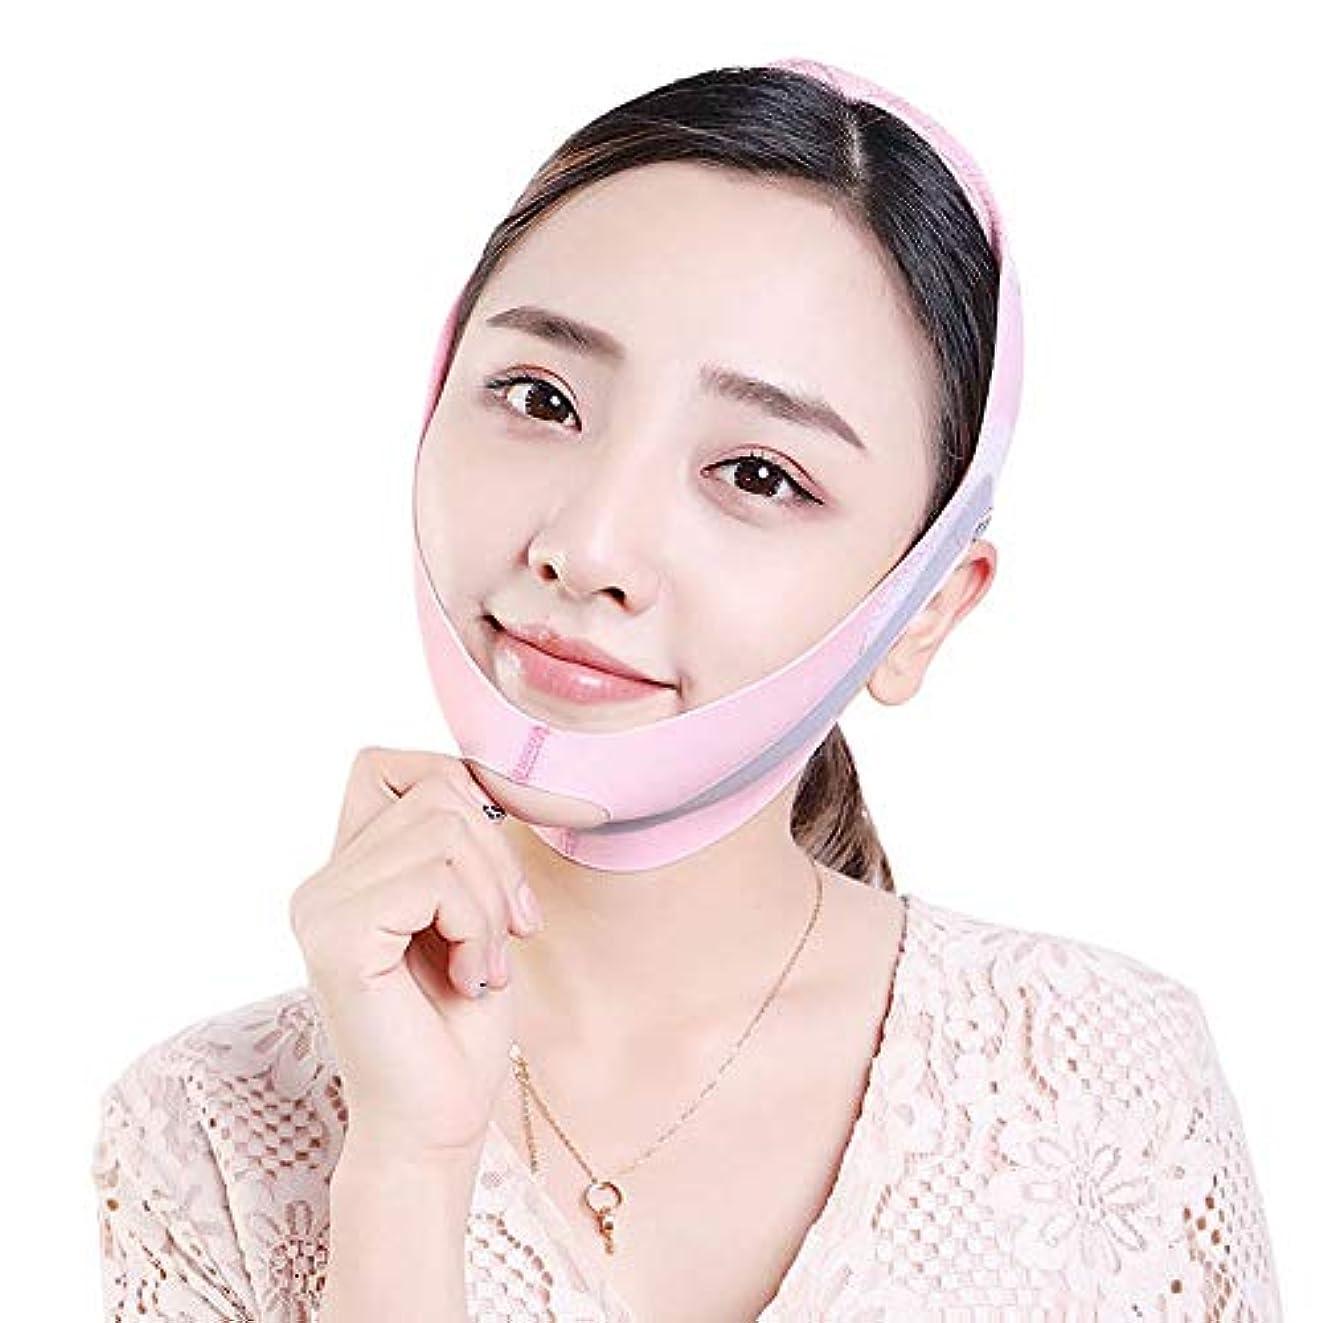 不毛の避難するマイクロたるみを防ぐために顔を持ち上げるために筋肉を引き締めるために二重あごのステッカーとラインを削除するために、顔を持ち上げるアーティファクト包帯があります - ピンク